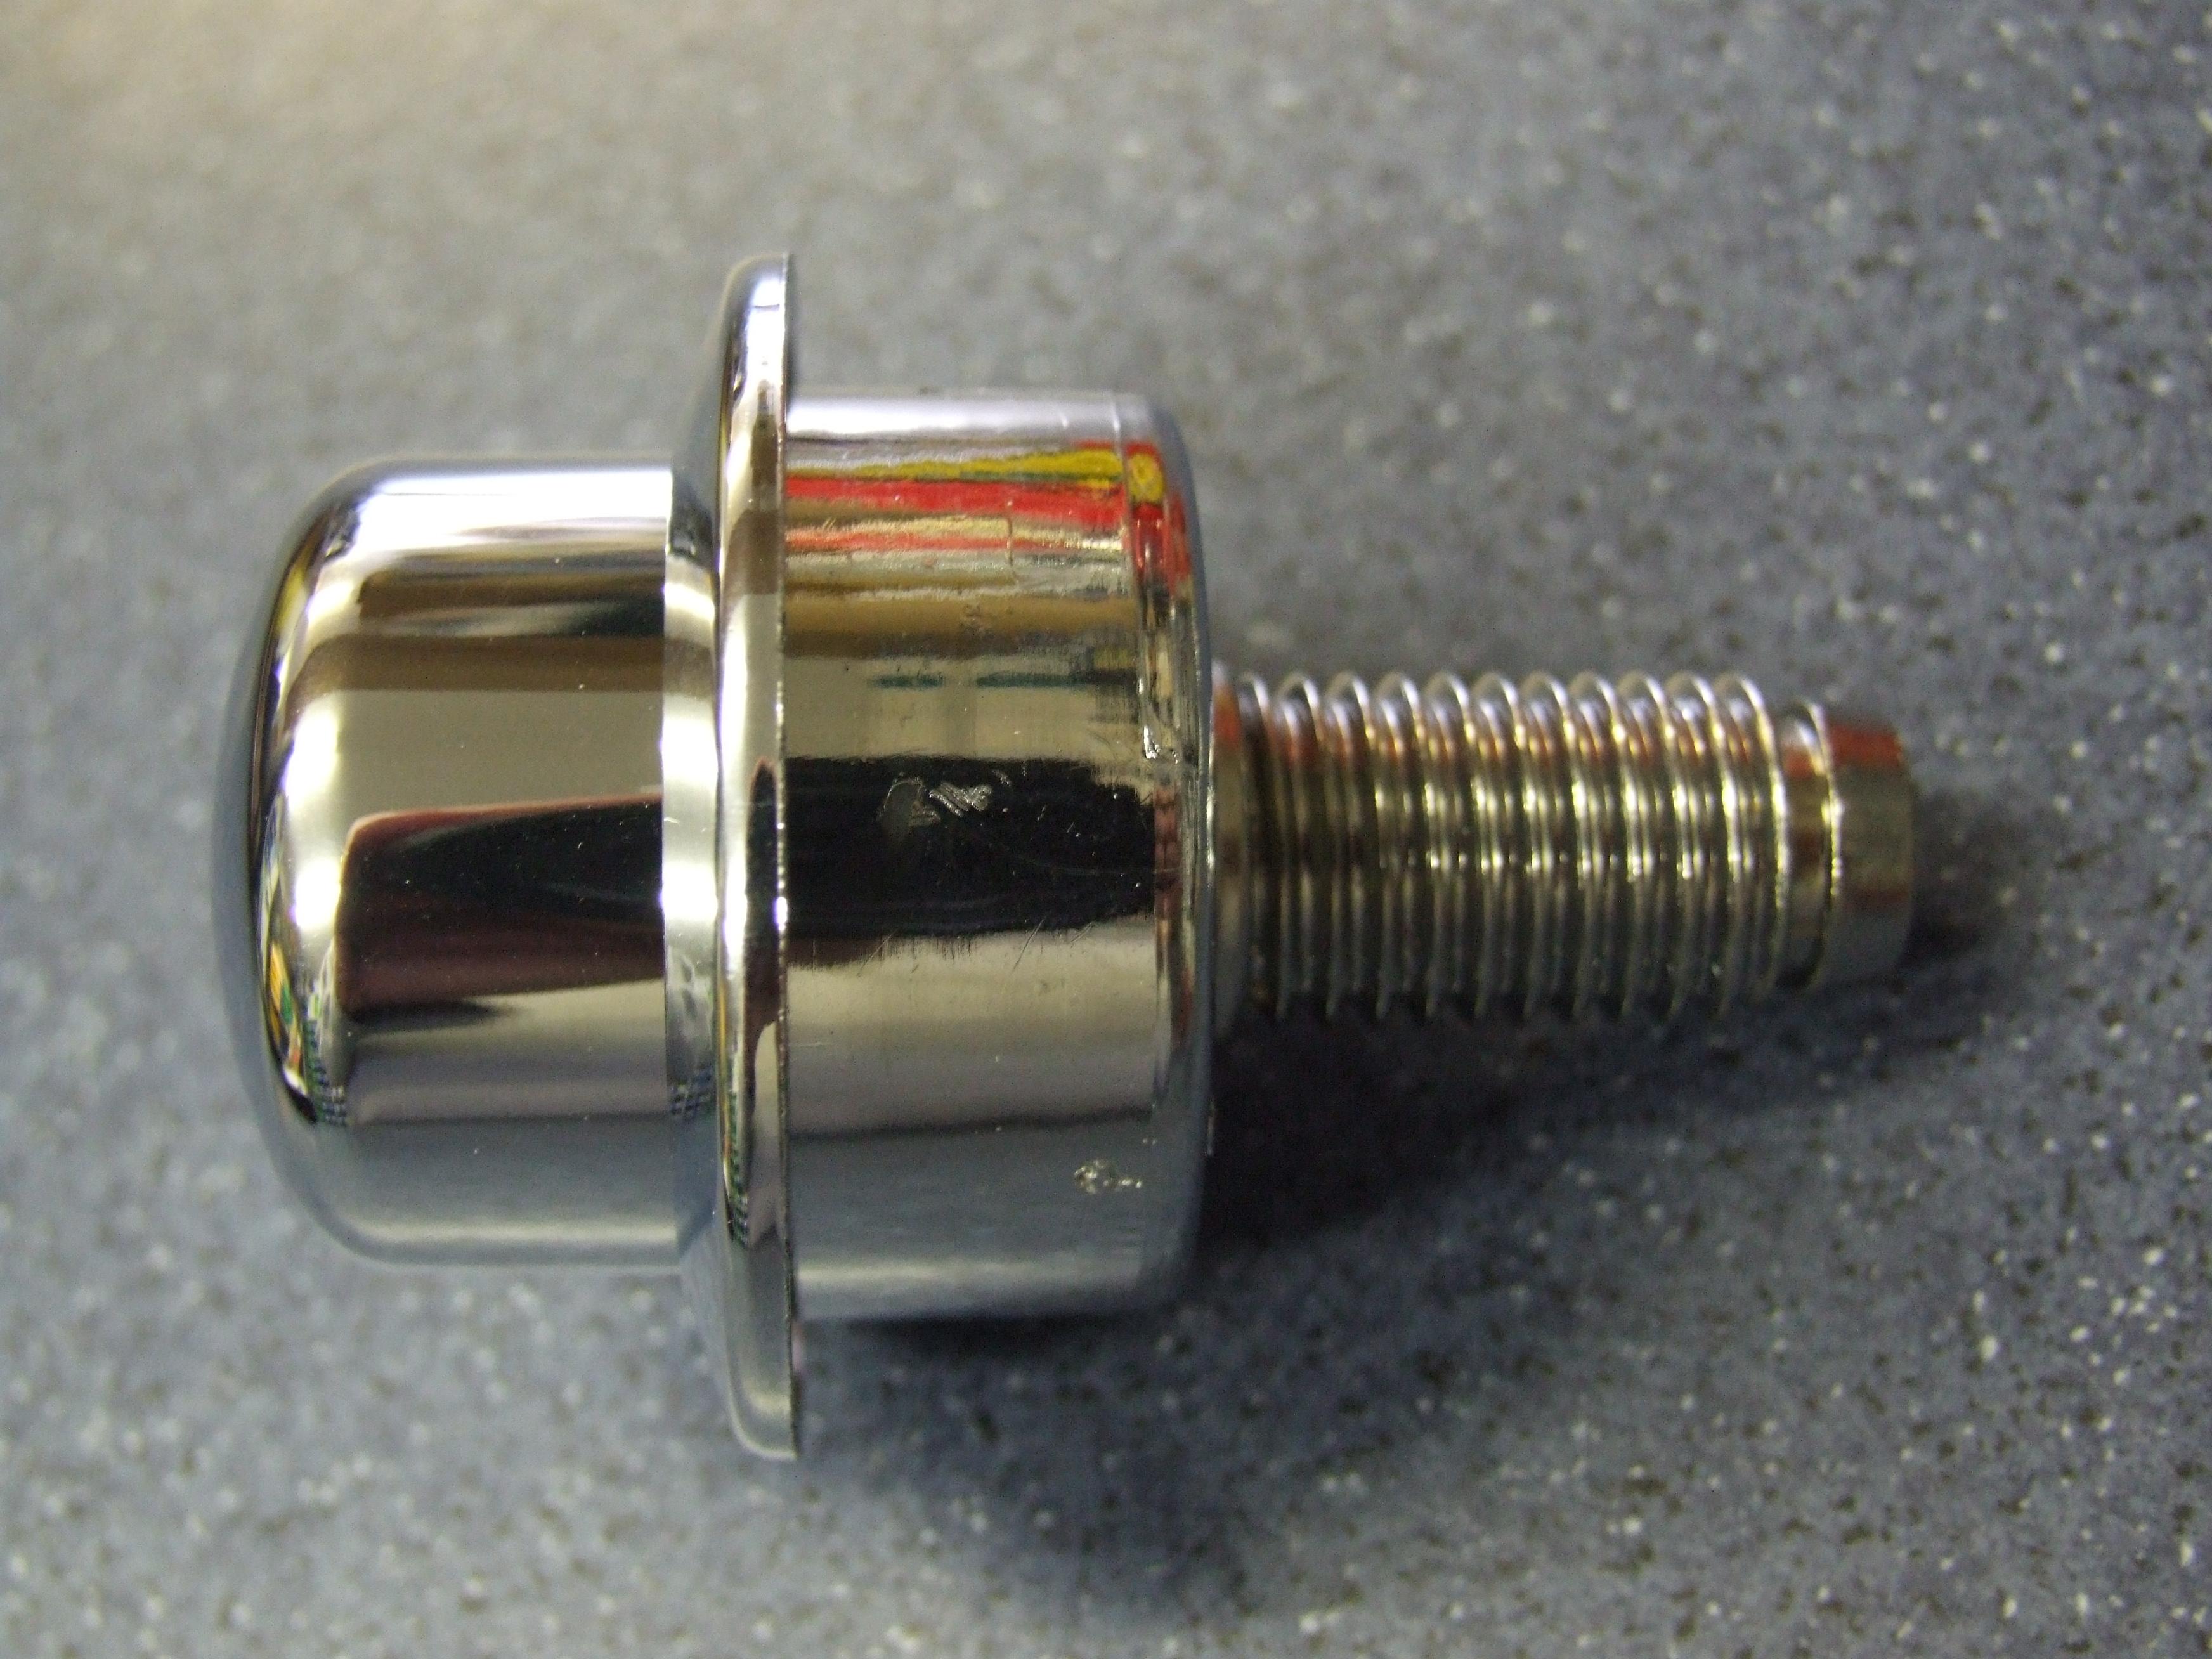 SIAMP OPTIMA 50 RASIED TOILET PUSH BUTTON 34505107 (4).JPG